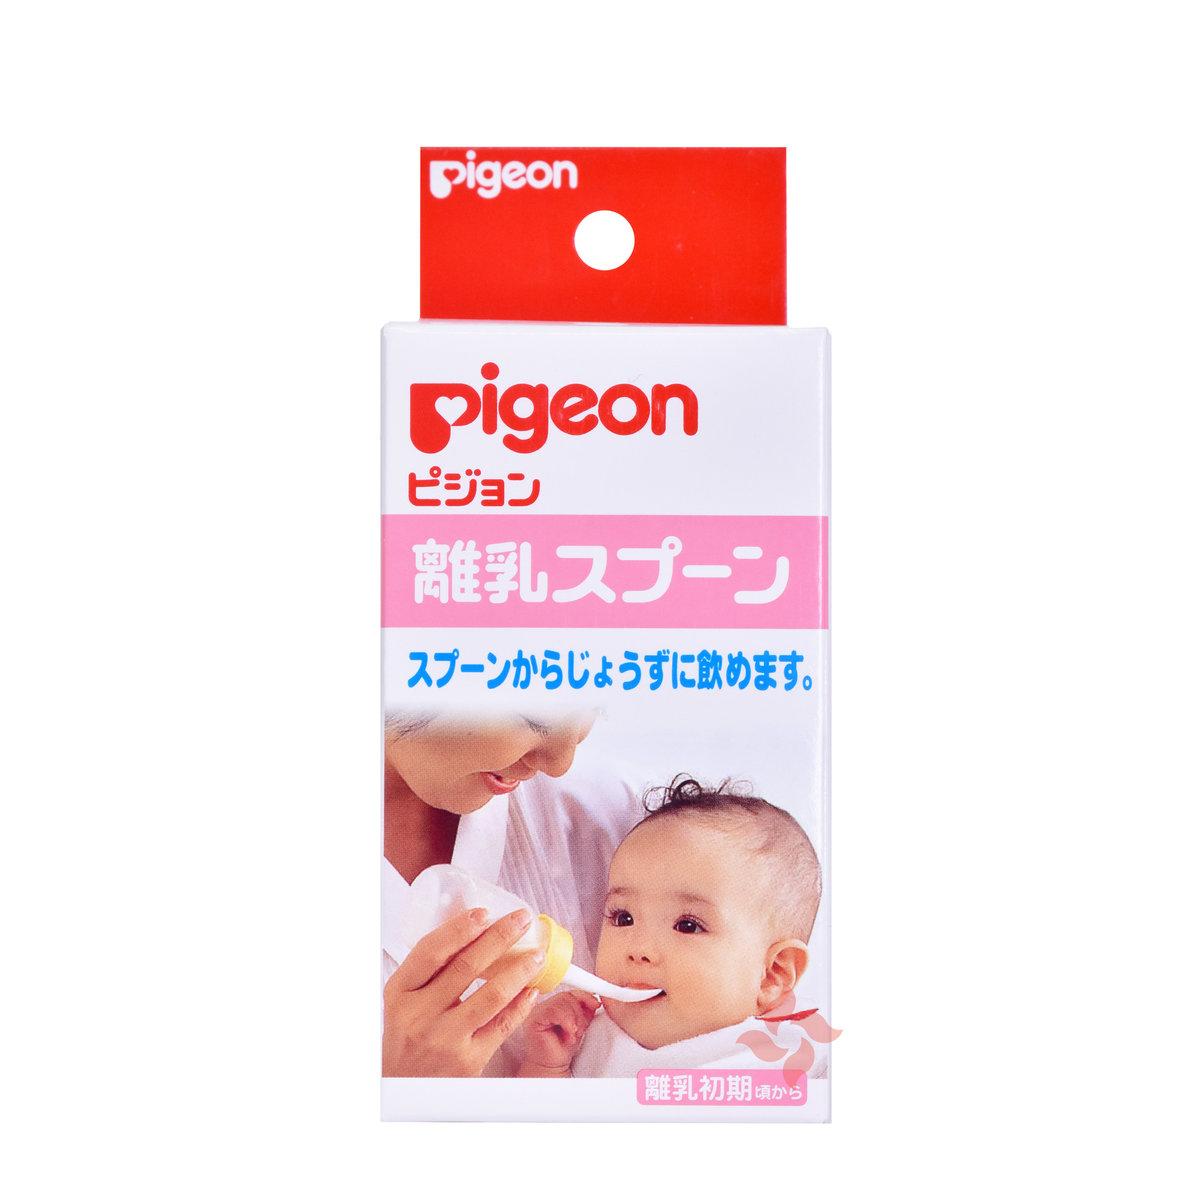 嬰兒離乳餵食匙羹瓶 120ml (4902508030120)